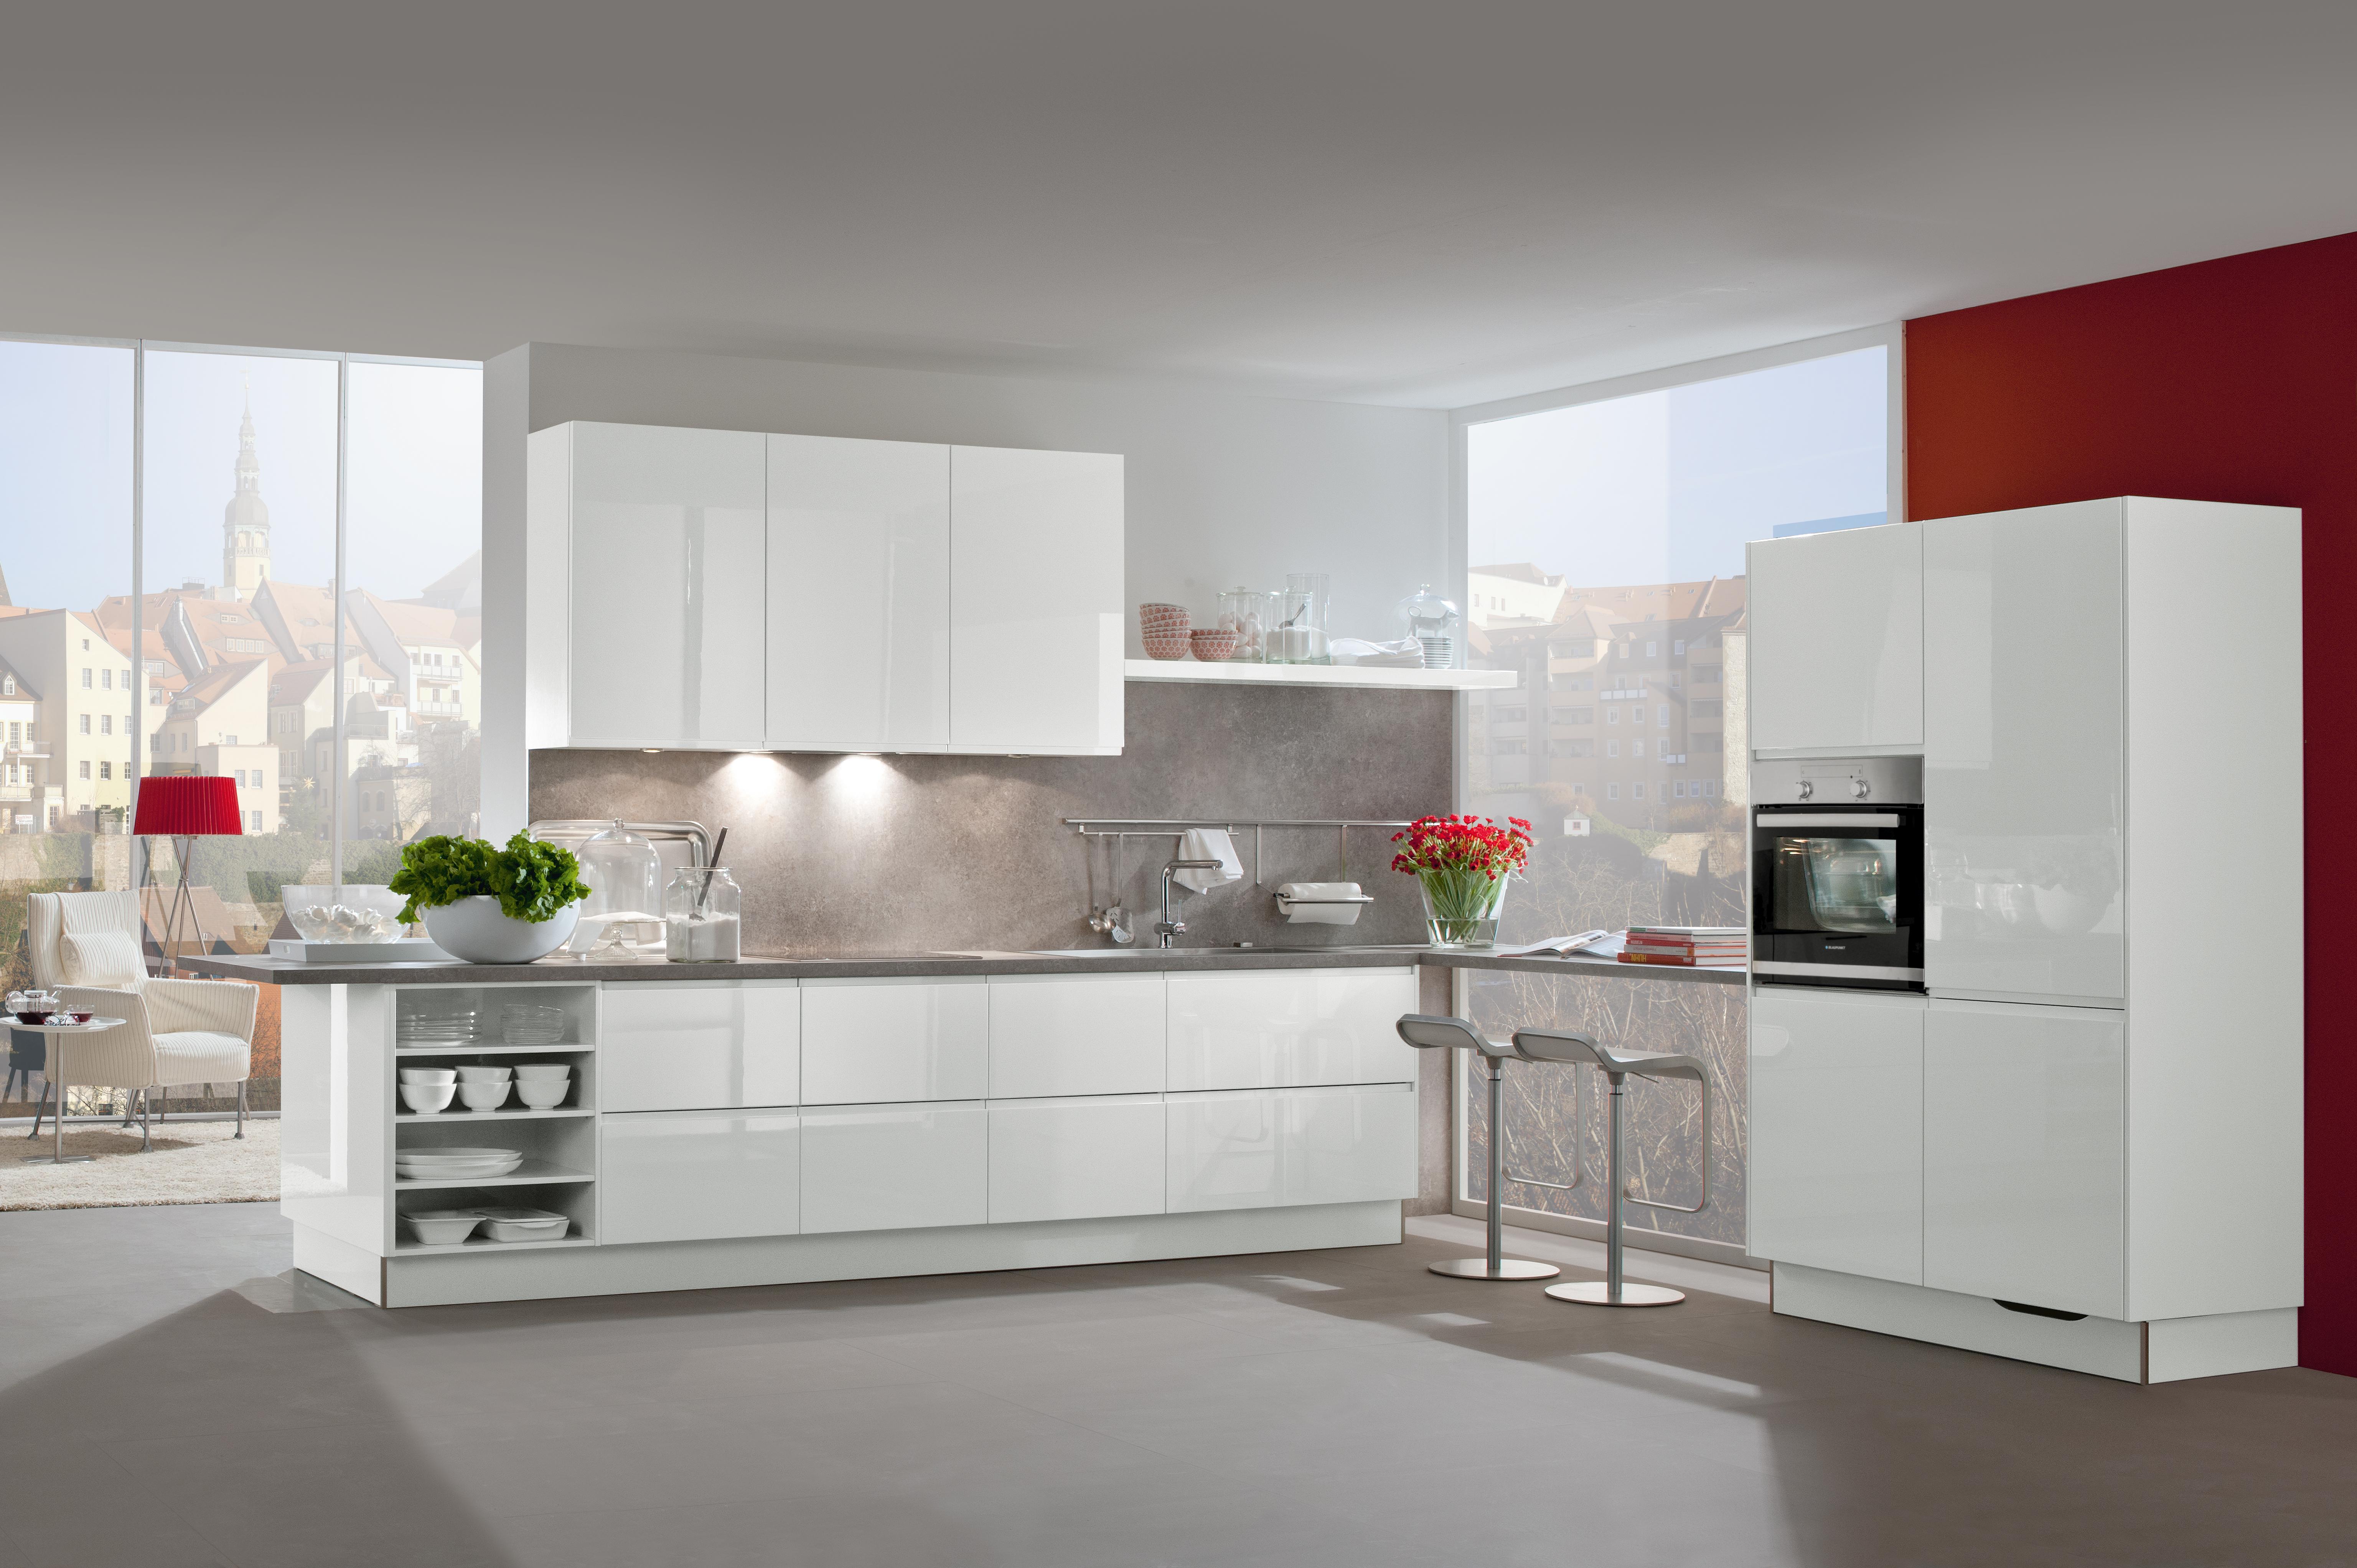 kuchen ideen weisse rustikale kuche, weiße küchen - küchentrends in weiß - küche&co, Kuchen